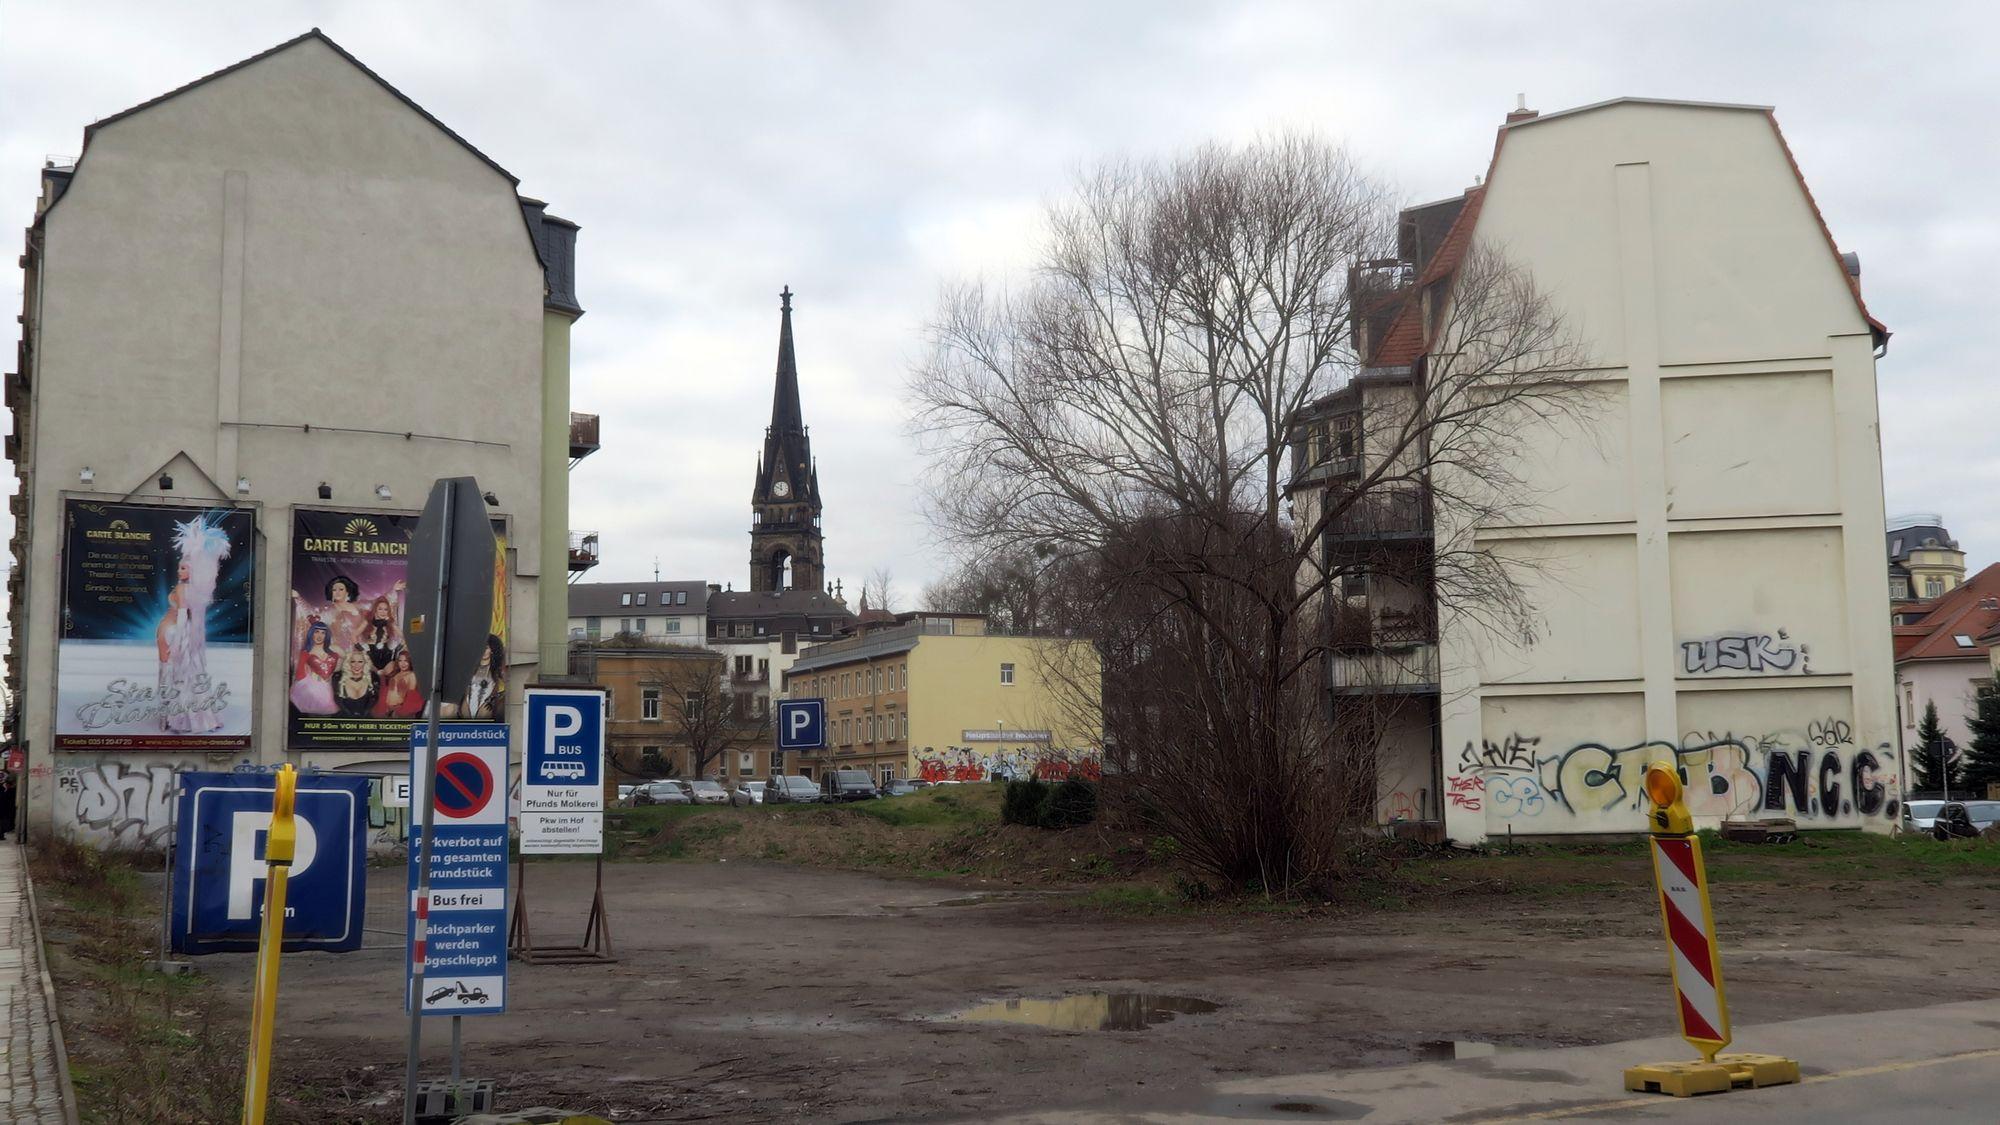 Die Fläche wird häufig von Reisebussen genutzt. Vor Weihnachten gab es hier einen Nadelbaumverkauf.